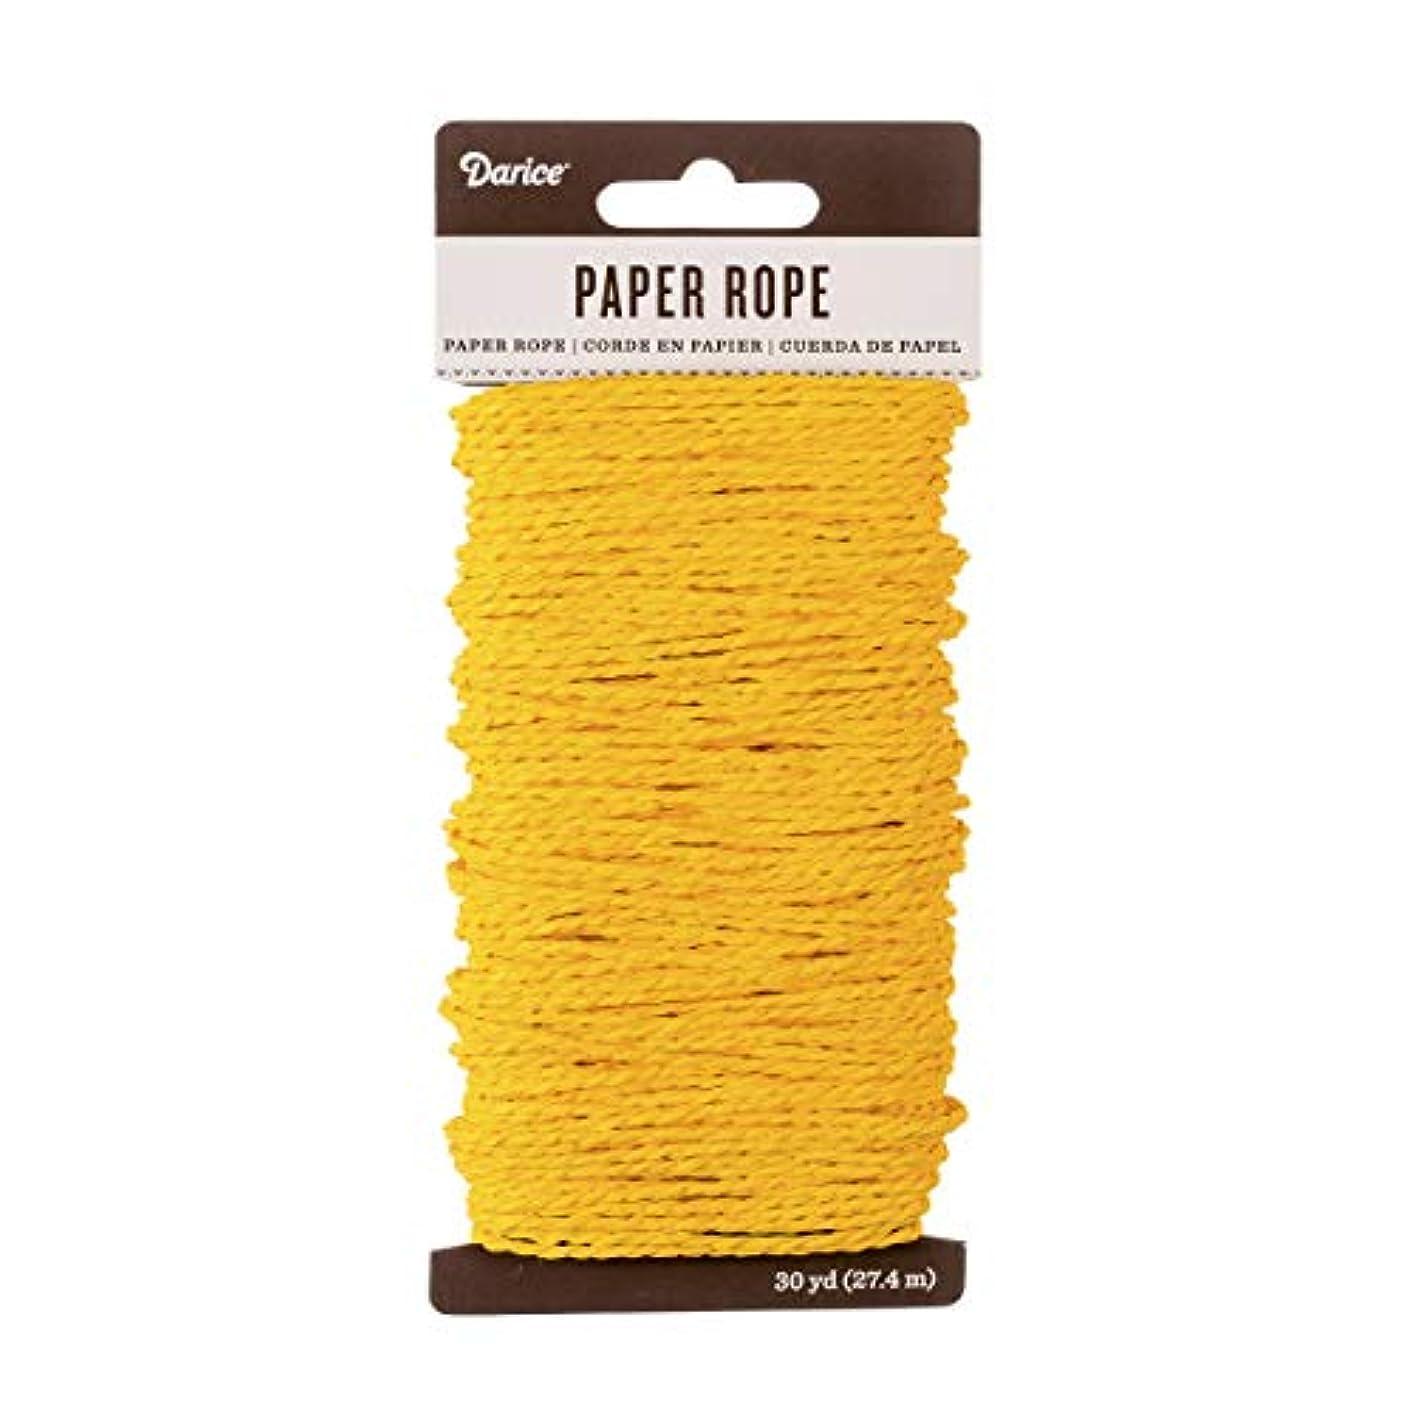 Darice Yellow Paper Rope